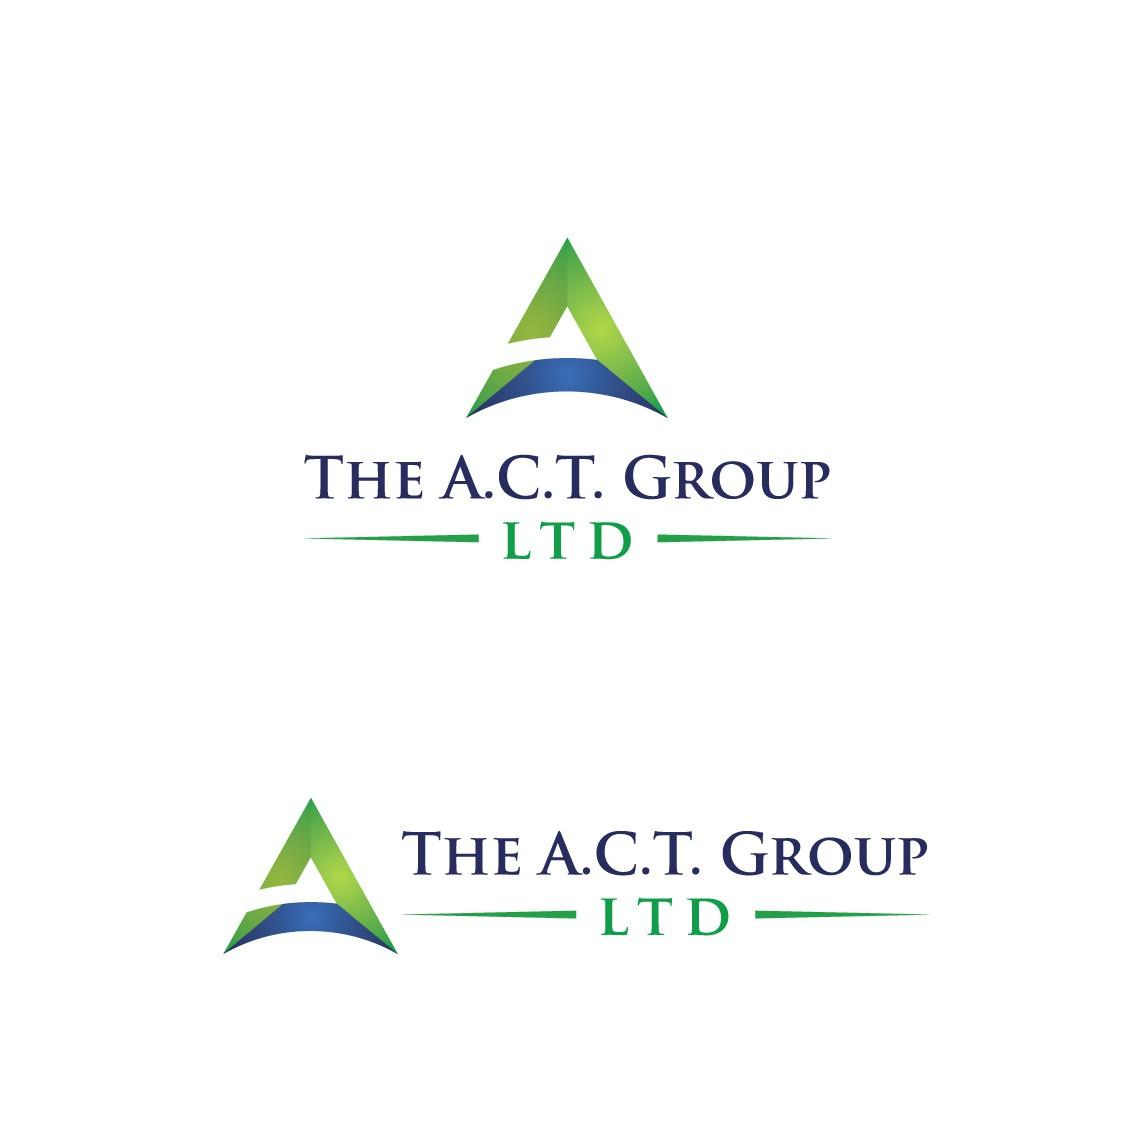 Growing CPA firm needs a fresh, modern logo